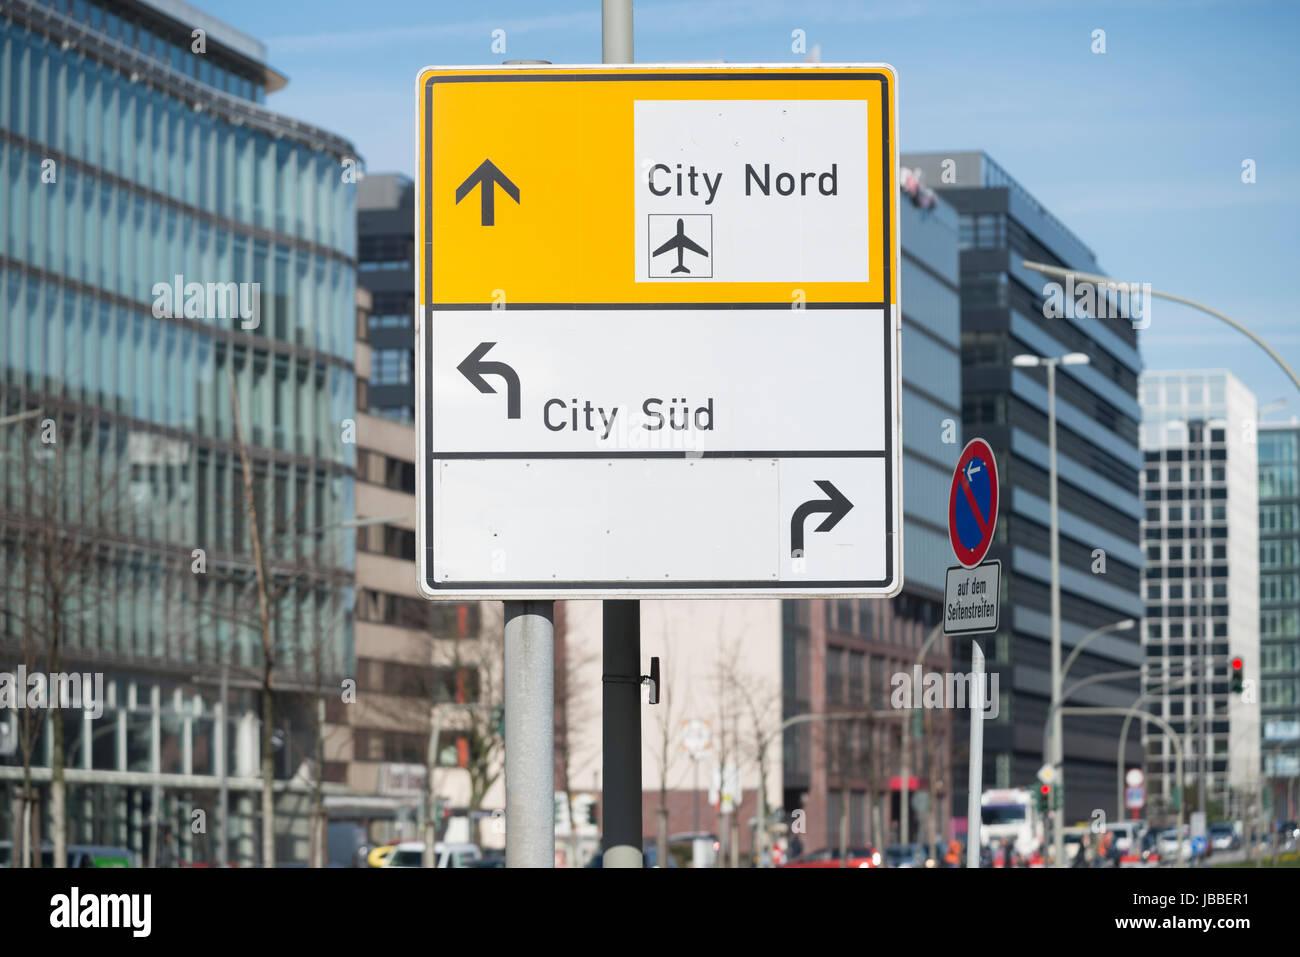 Verkehrszeichen in Hamburg, Deutschland - Stock Image